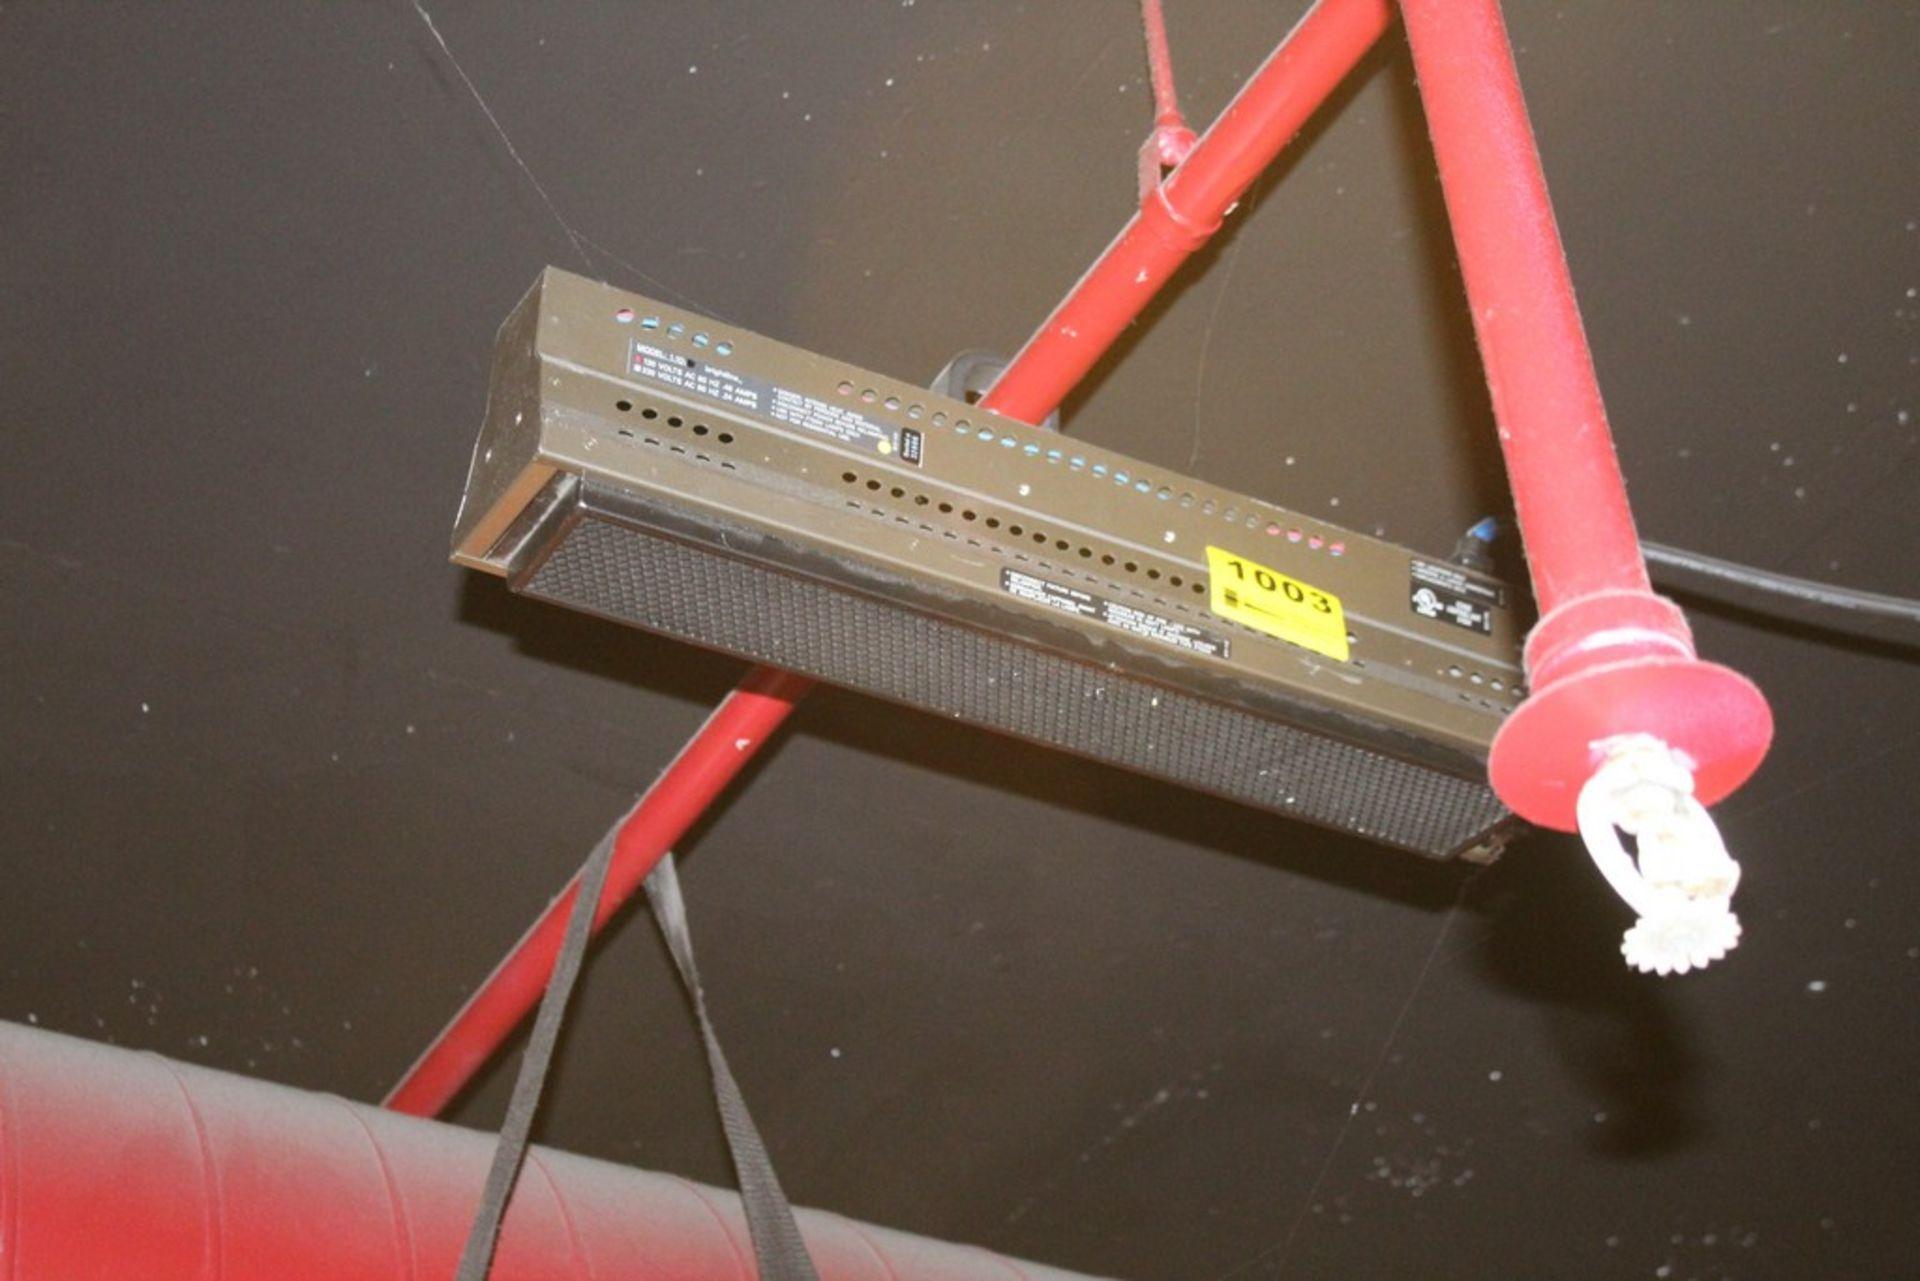 Lot 1003 - BRIGHTLINE MODEL 1.2D 10 AMP STAGE LIGHT SERIES 1 DMX LIGHT